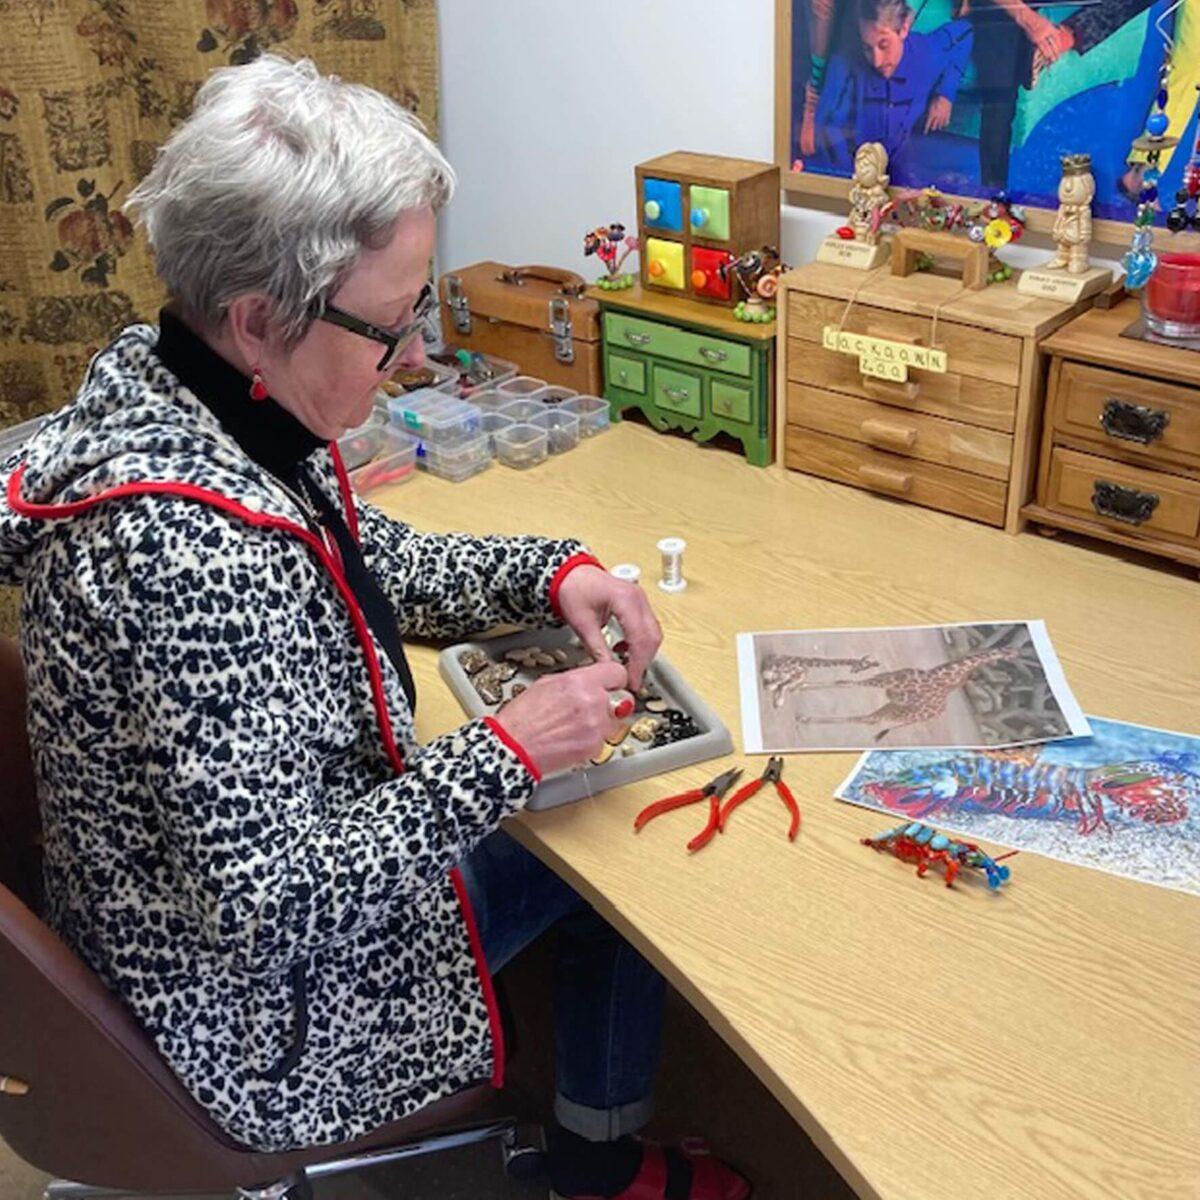 Local artist Julie Thomas